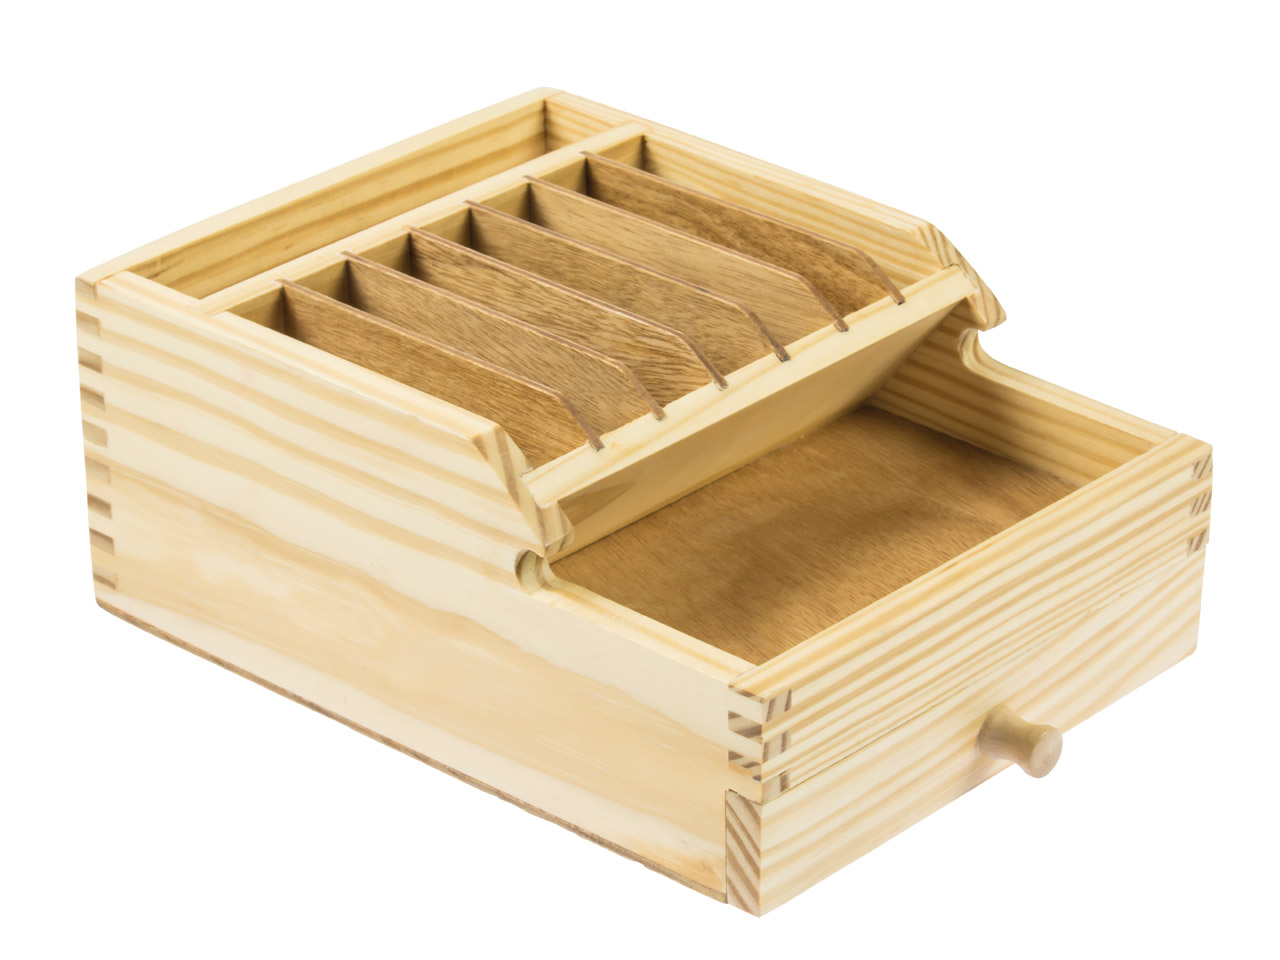 Rangement avec tiroir en bois pour outils d 39 tabli for Rangement tiroir en bois